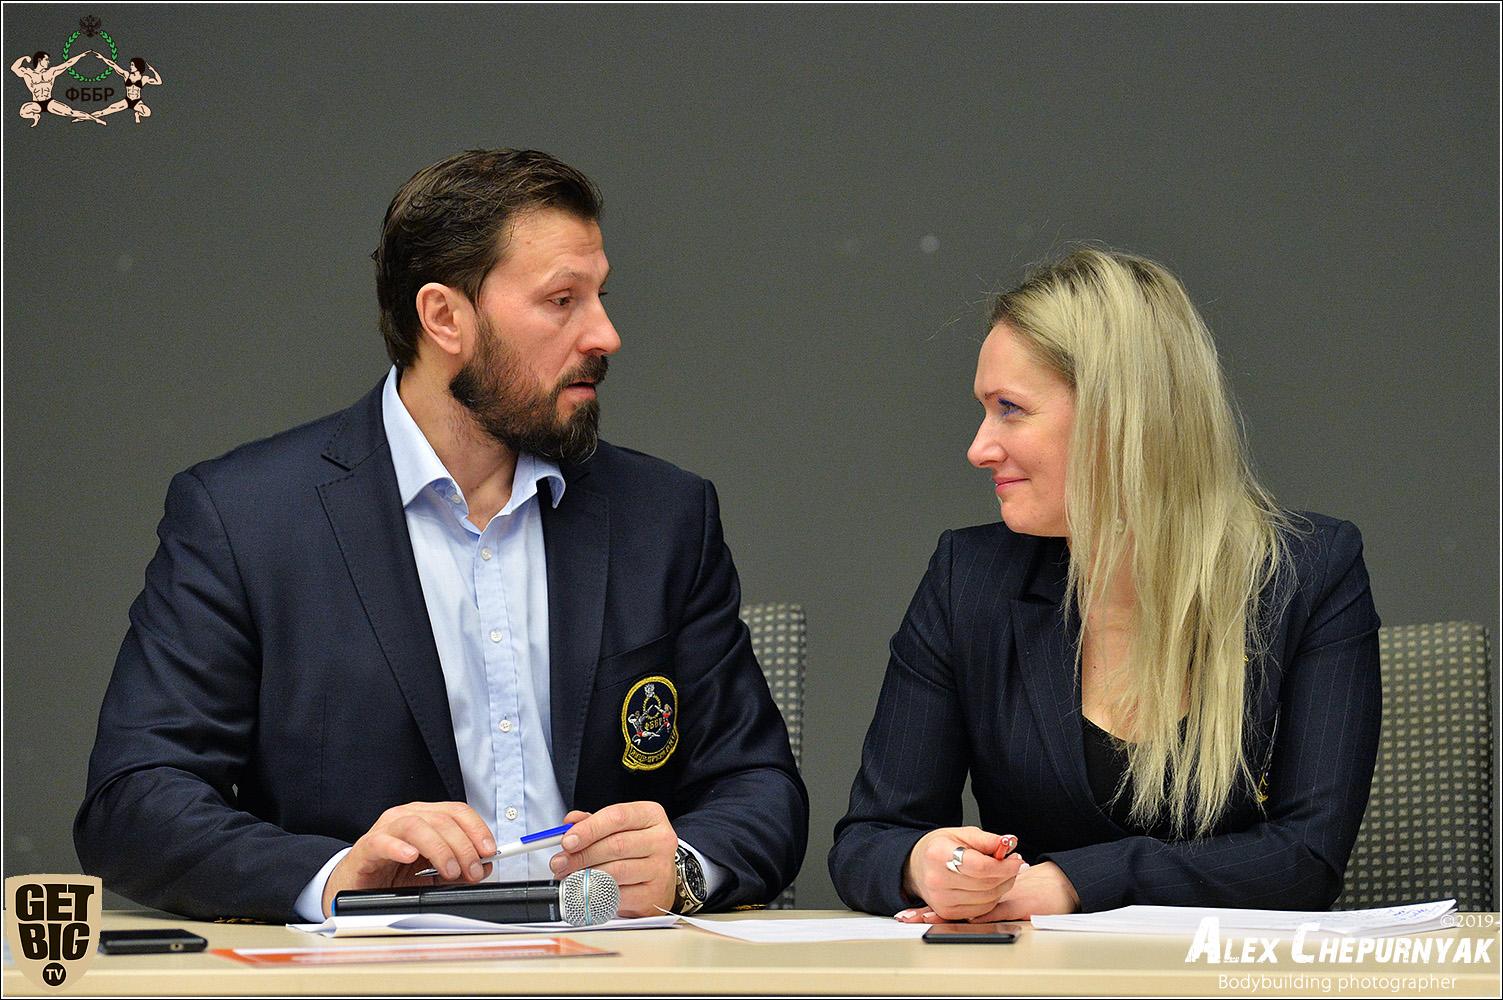 ФБМ поздравляет секретаря нашей федерации Алёну Доронина с ДНЕМ РОЖДЕНИЯ!